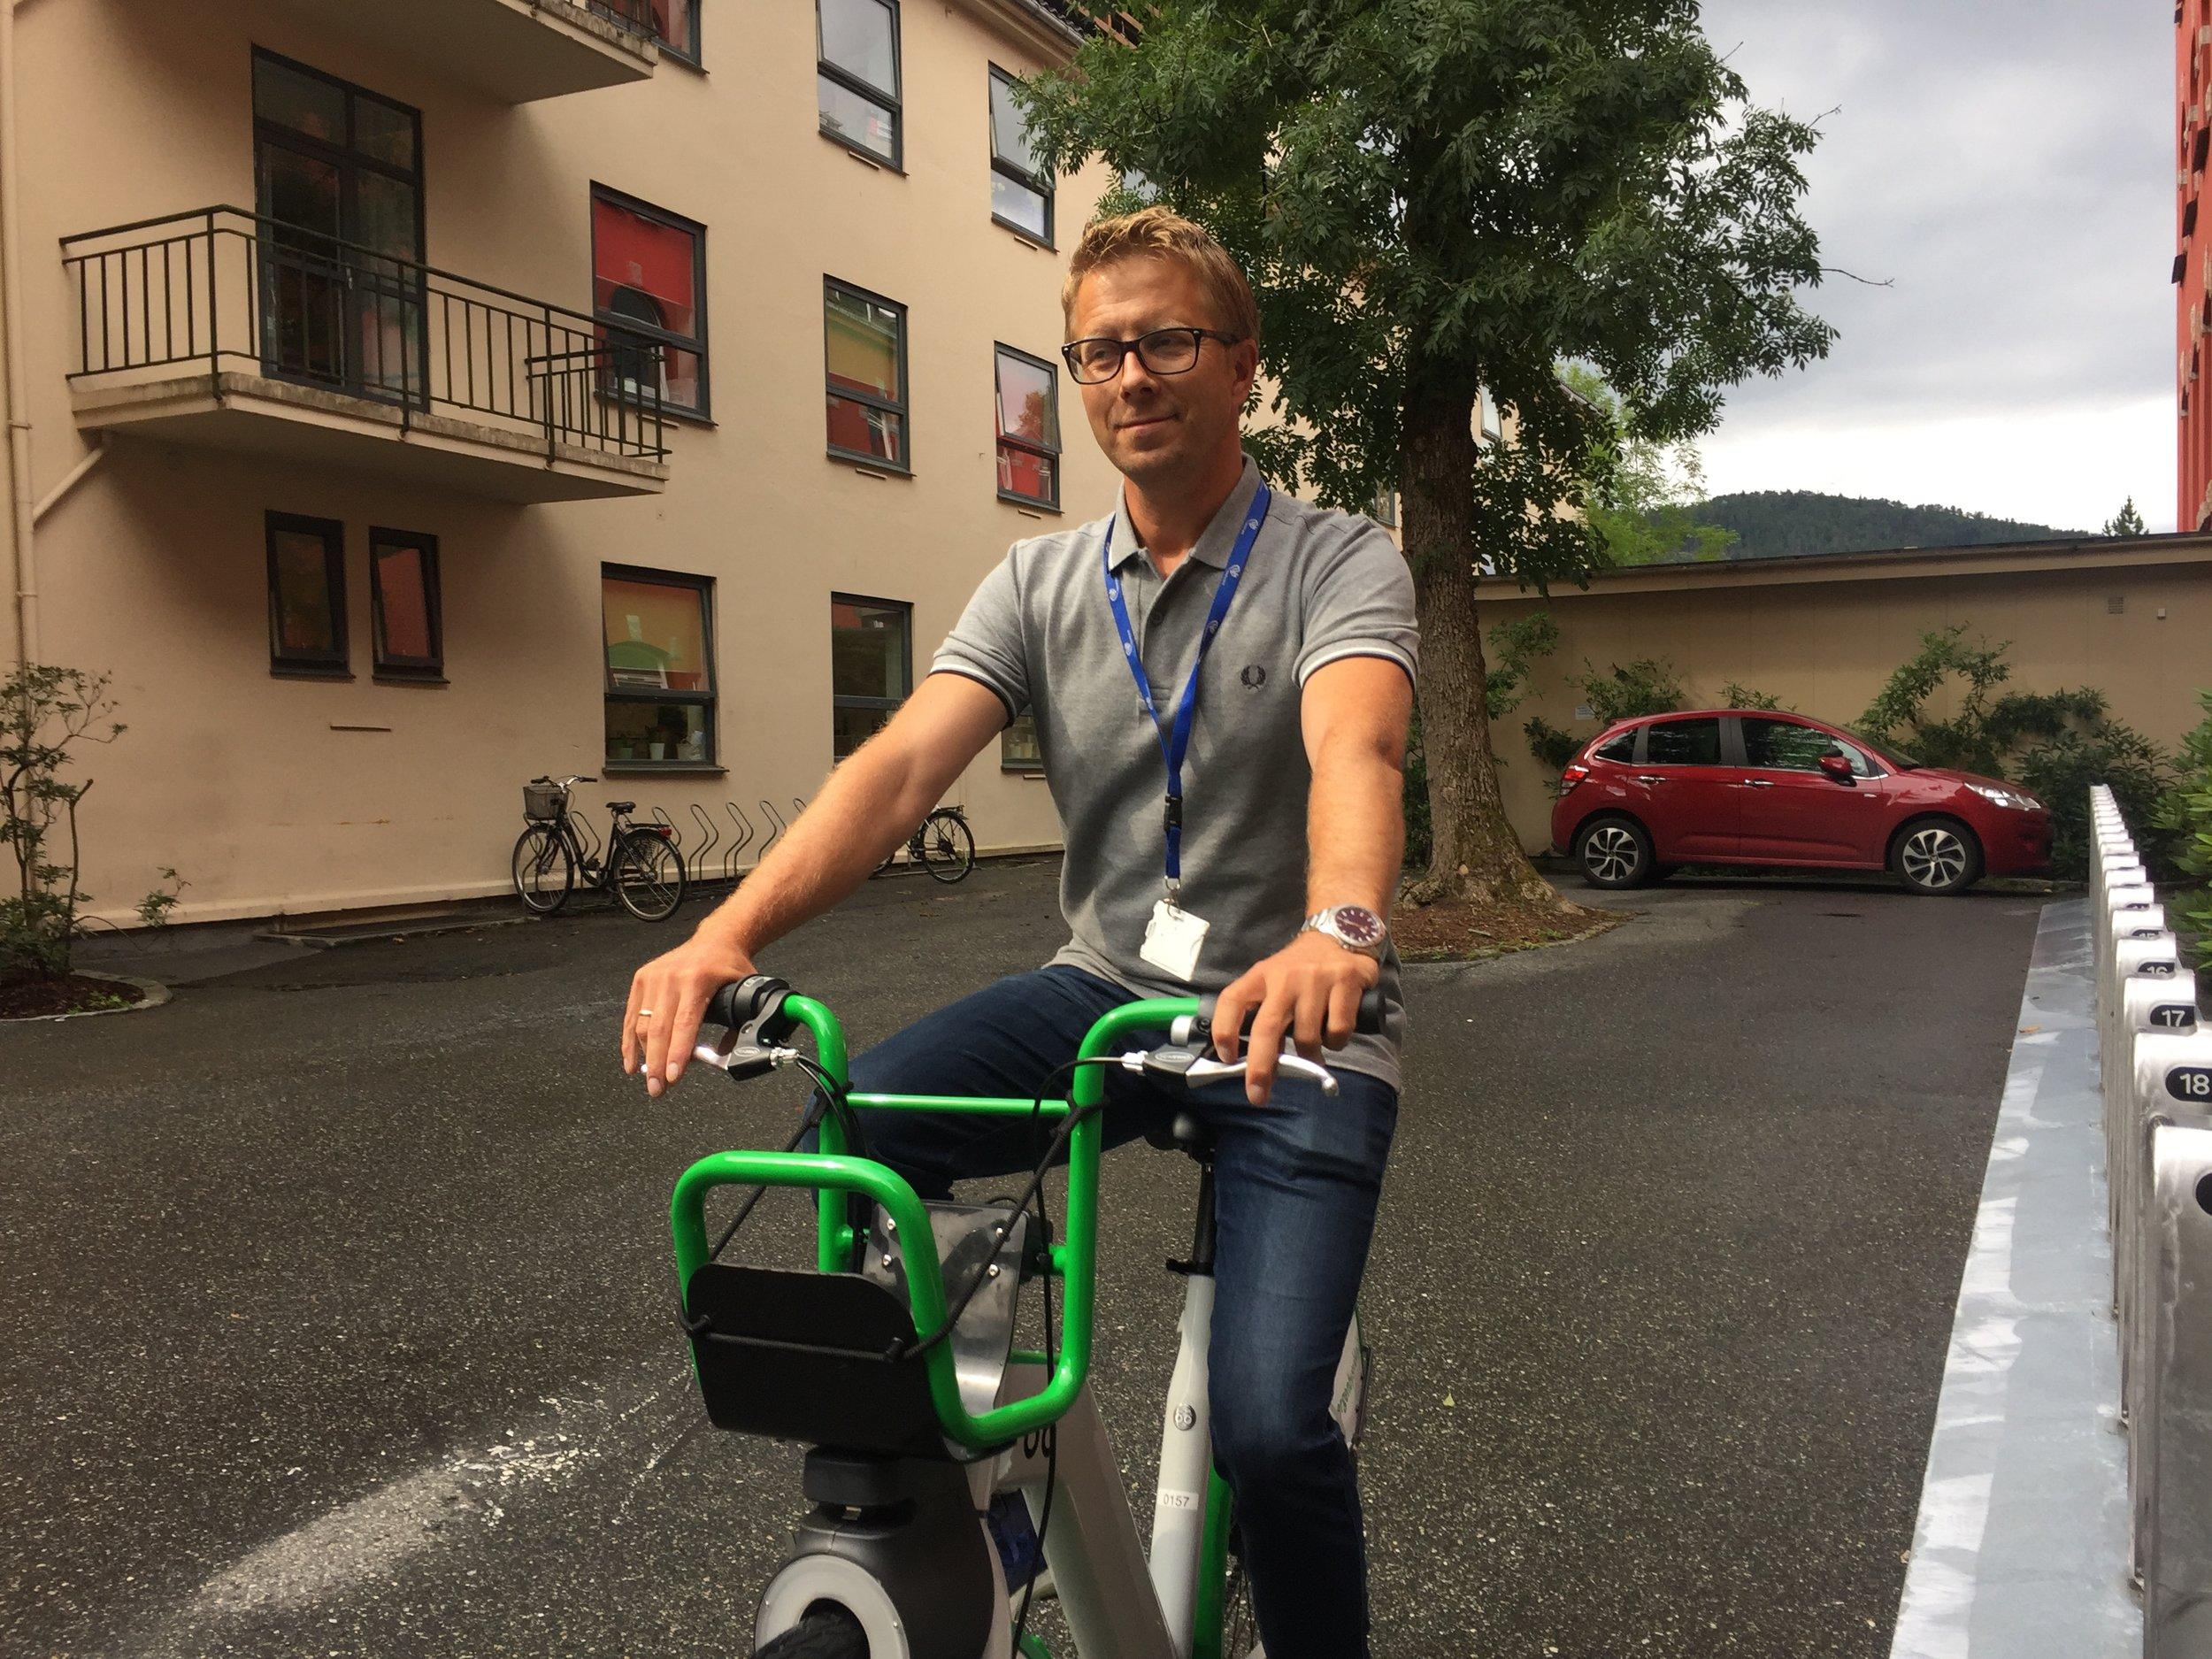 Kristian Amlie, samkjøringsentusiast i Bergen